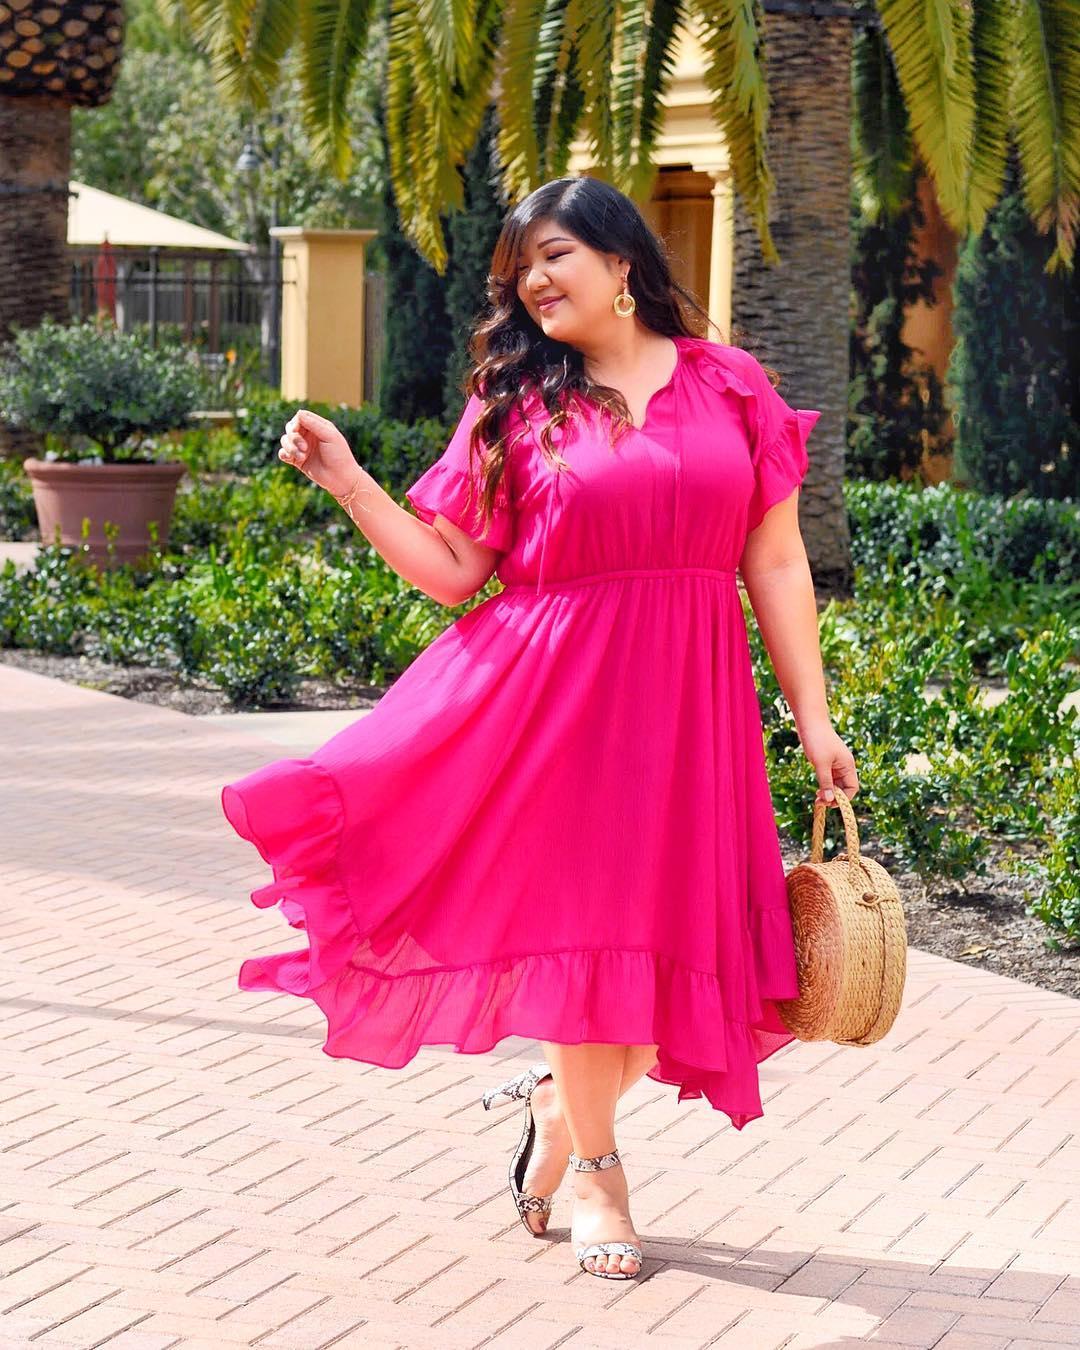 1612584563 912 echa un vistazo a las opciones para comprar y 30 - 40 modelos de vestidos rosas para un look que no pasa desapercibido